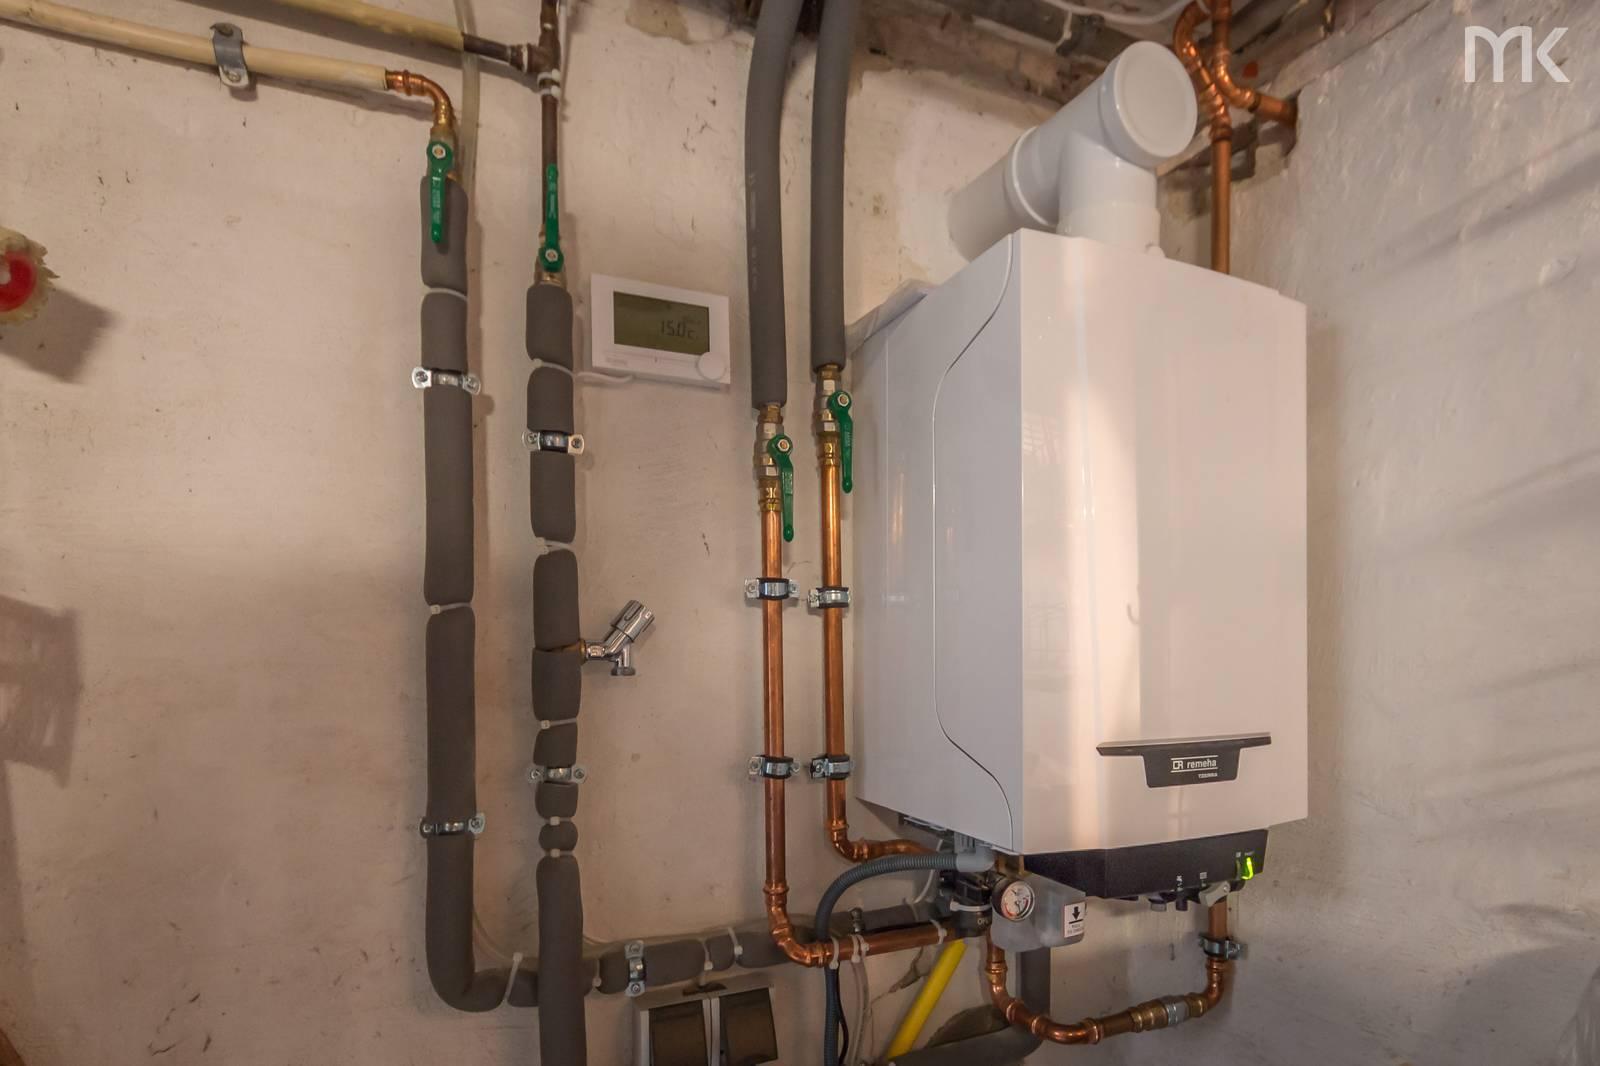 Großzügig Wie Funktioniert Gas Zentralheizung Fotos - Schaltplan ...